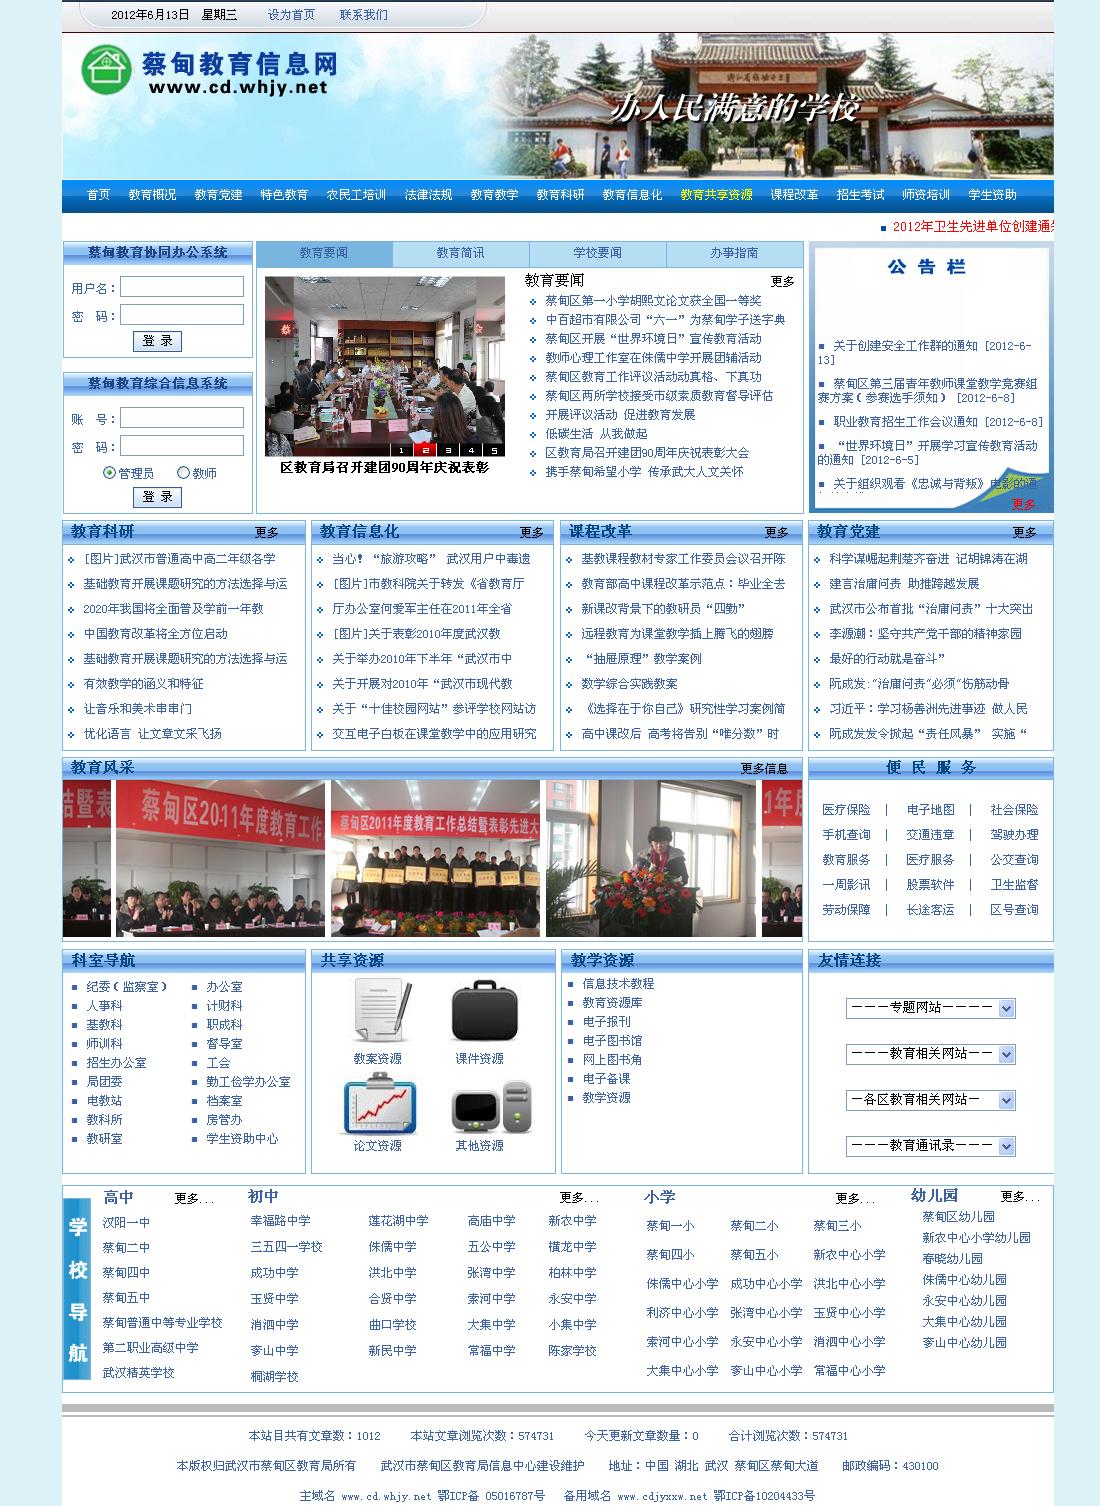 蔡甸教育信息网